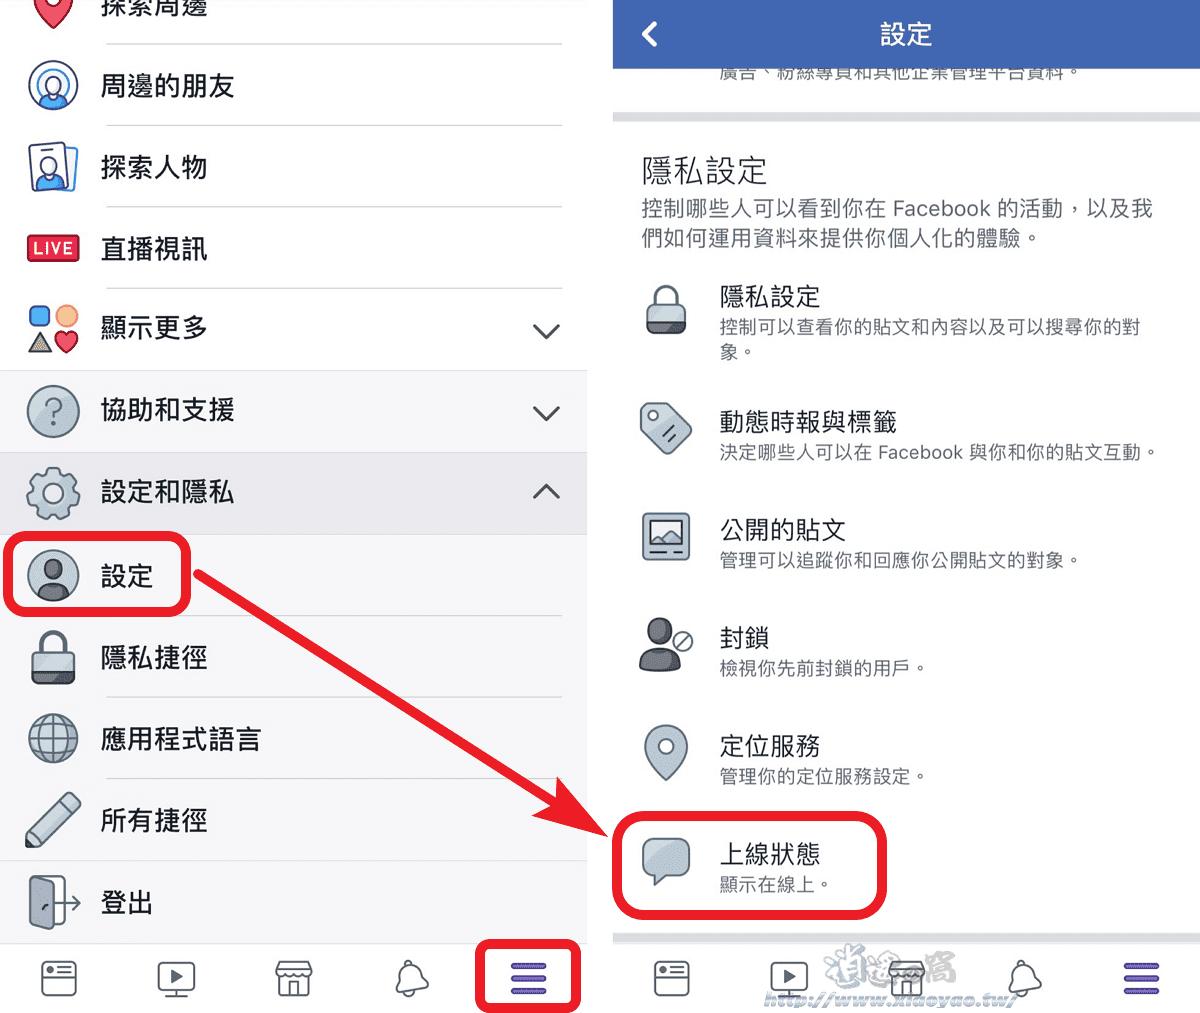 如何關閉 Facebook、Instagram 上線狀態。隱藏最近上線時間 - 逍遙の窩